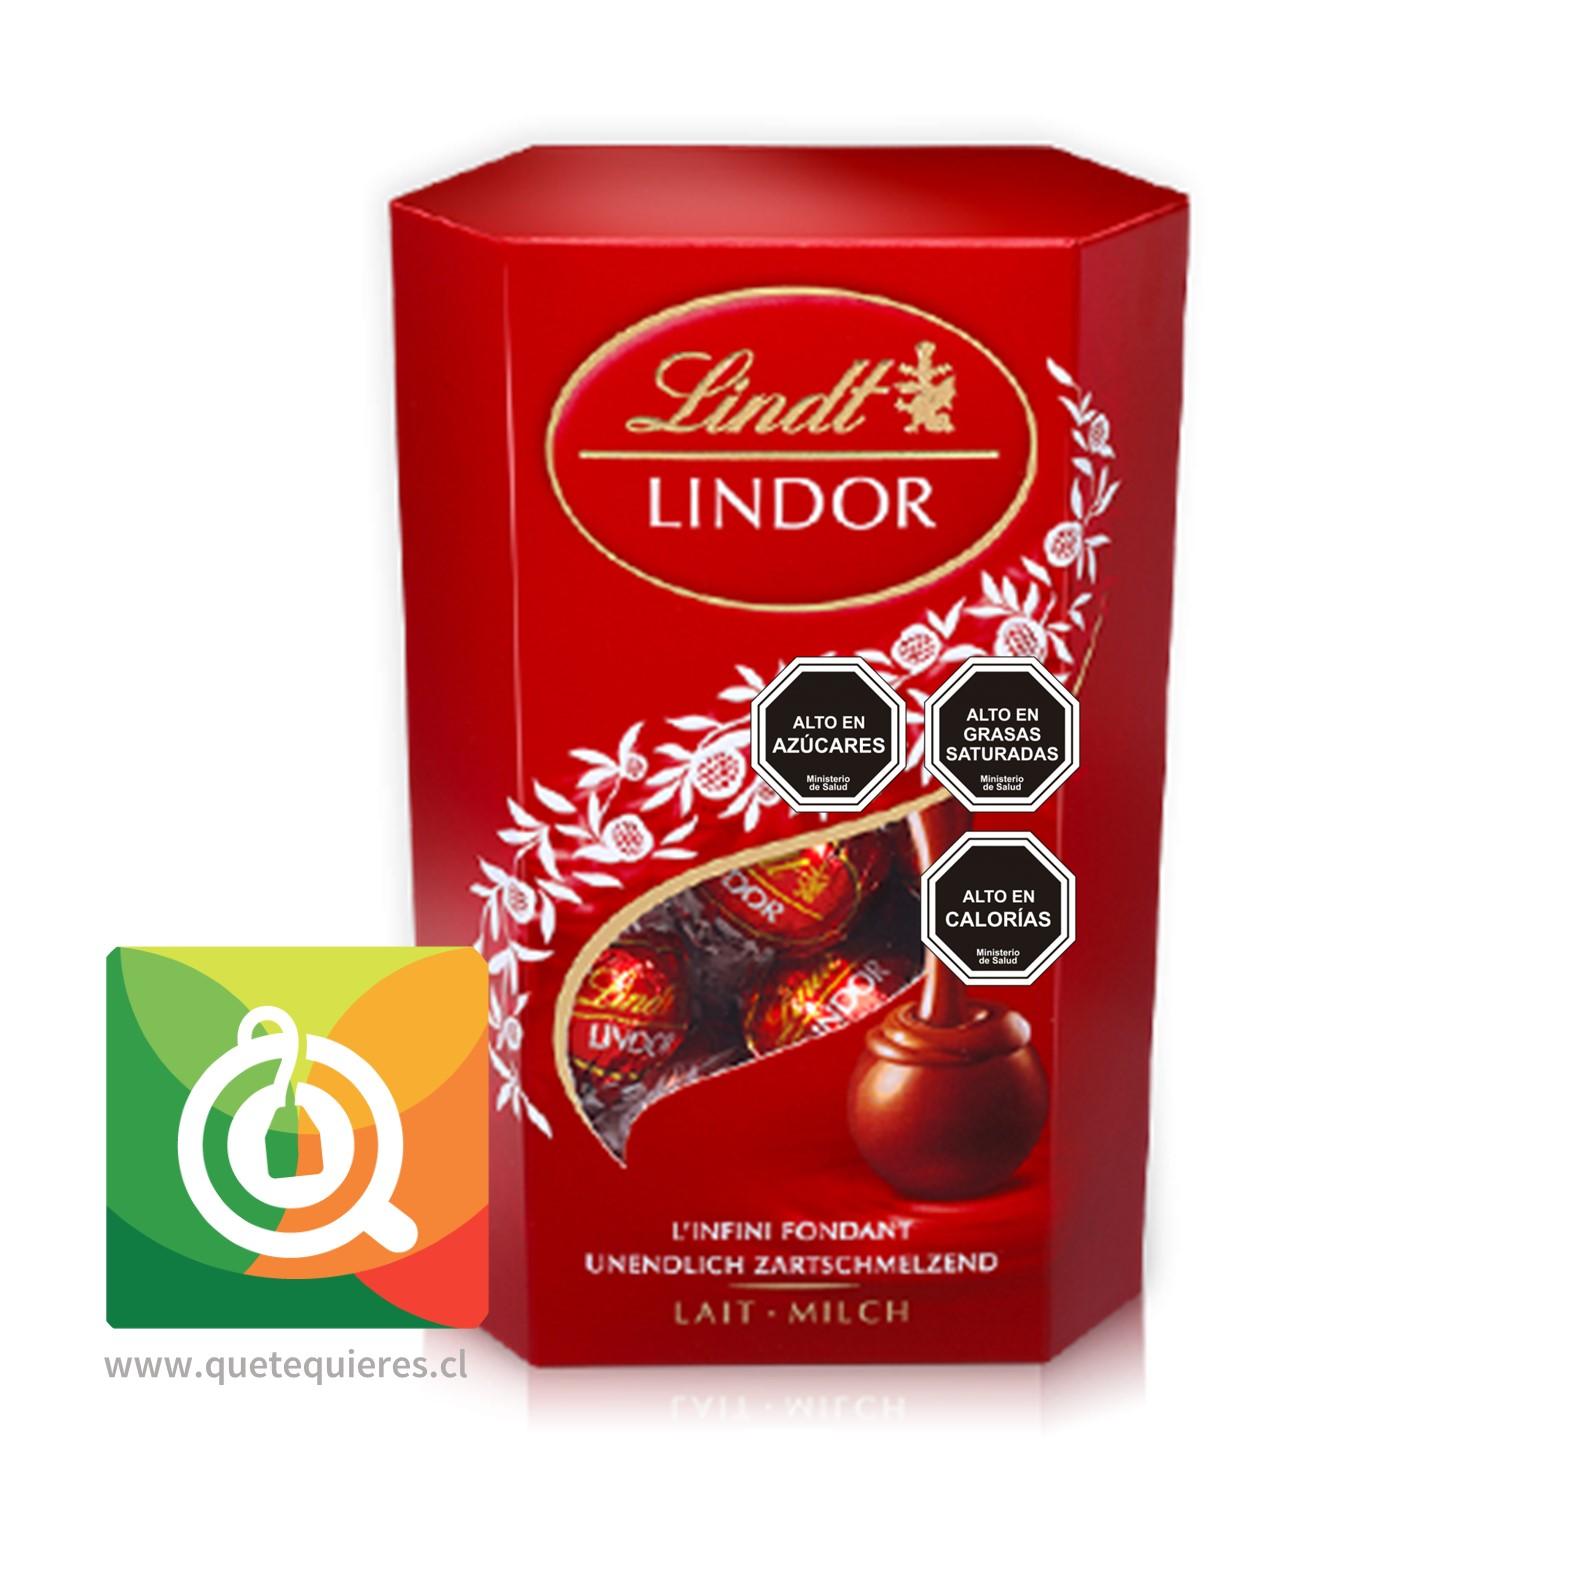 Lindt Chocolate Bombon Lindor Leche 200 gr